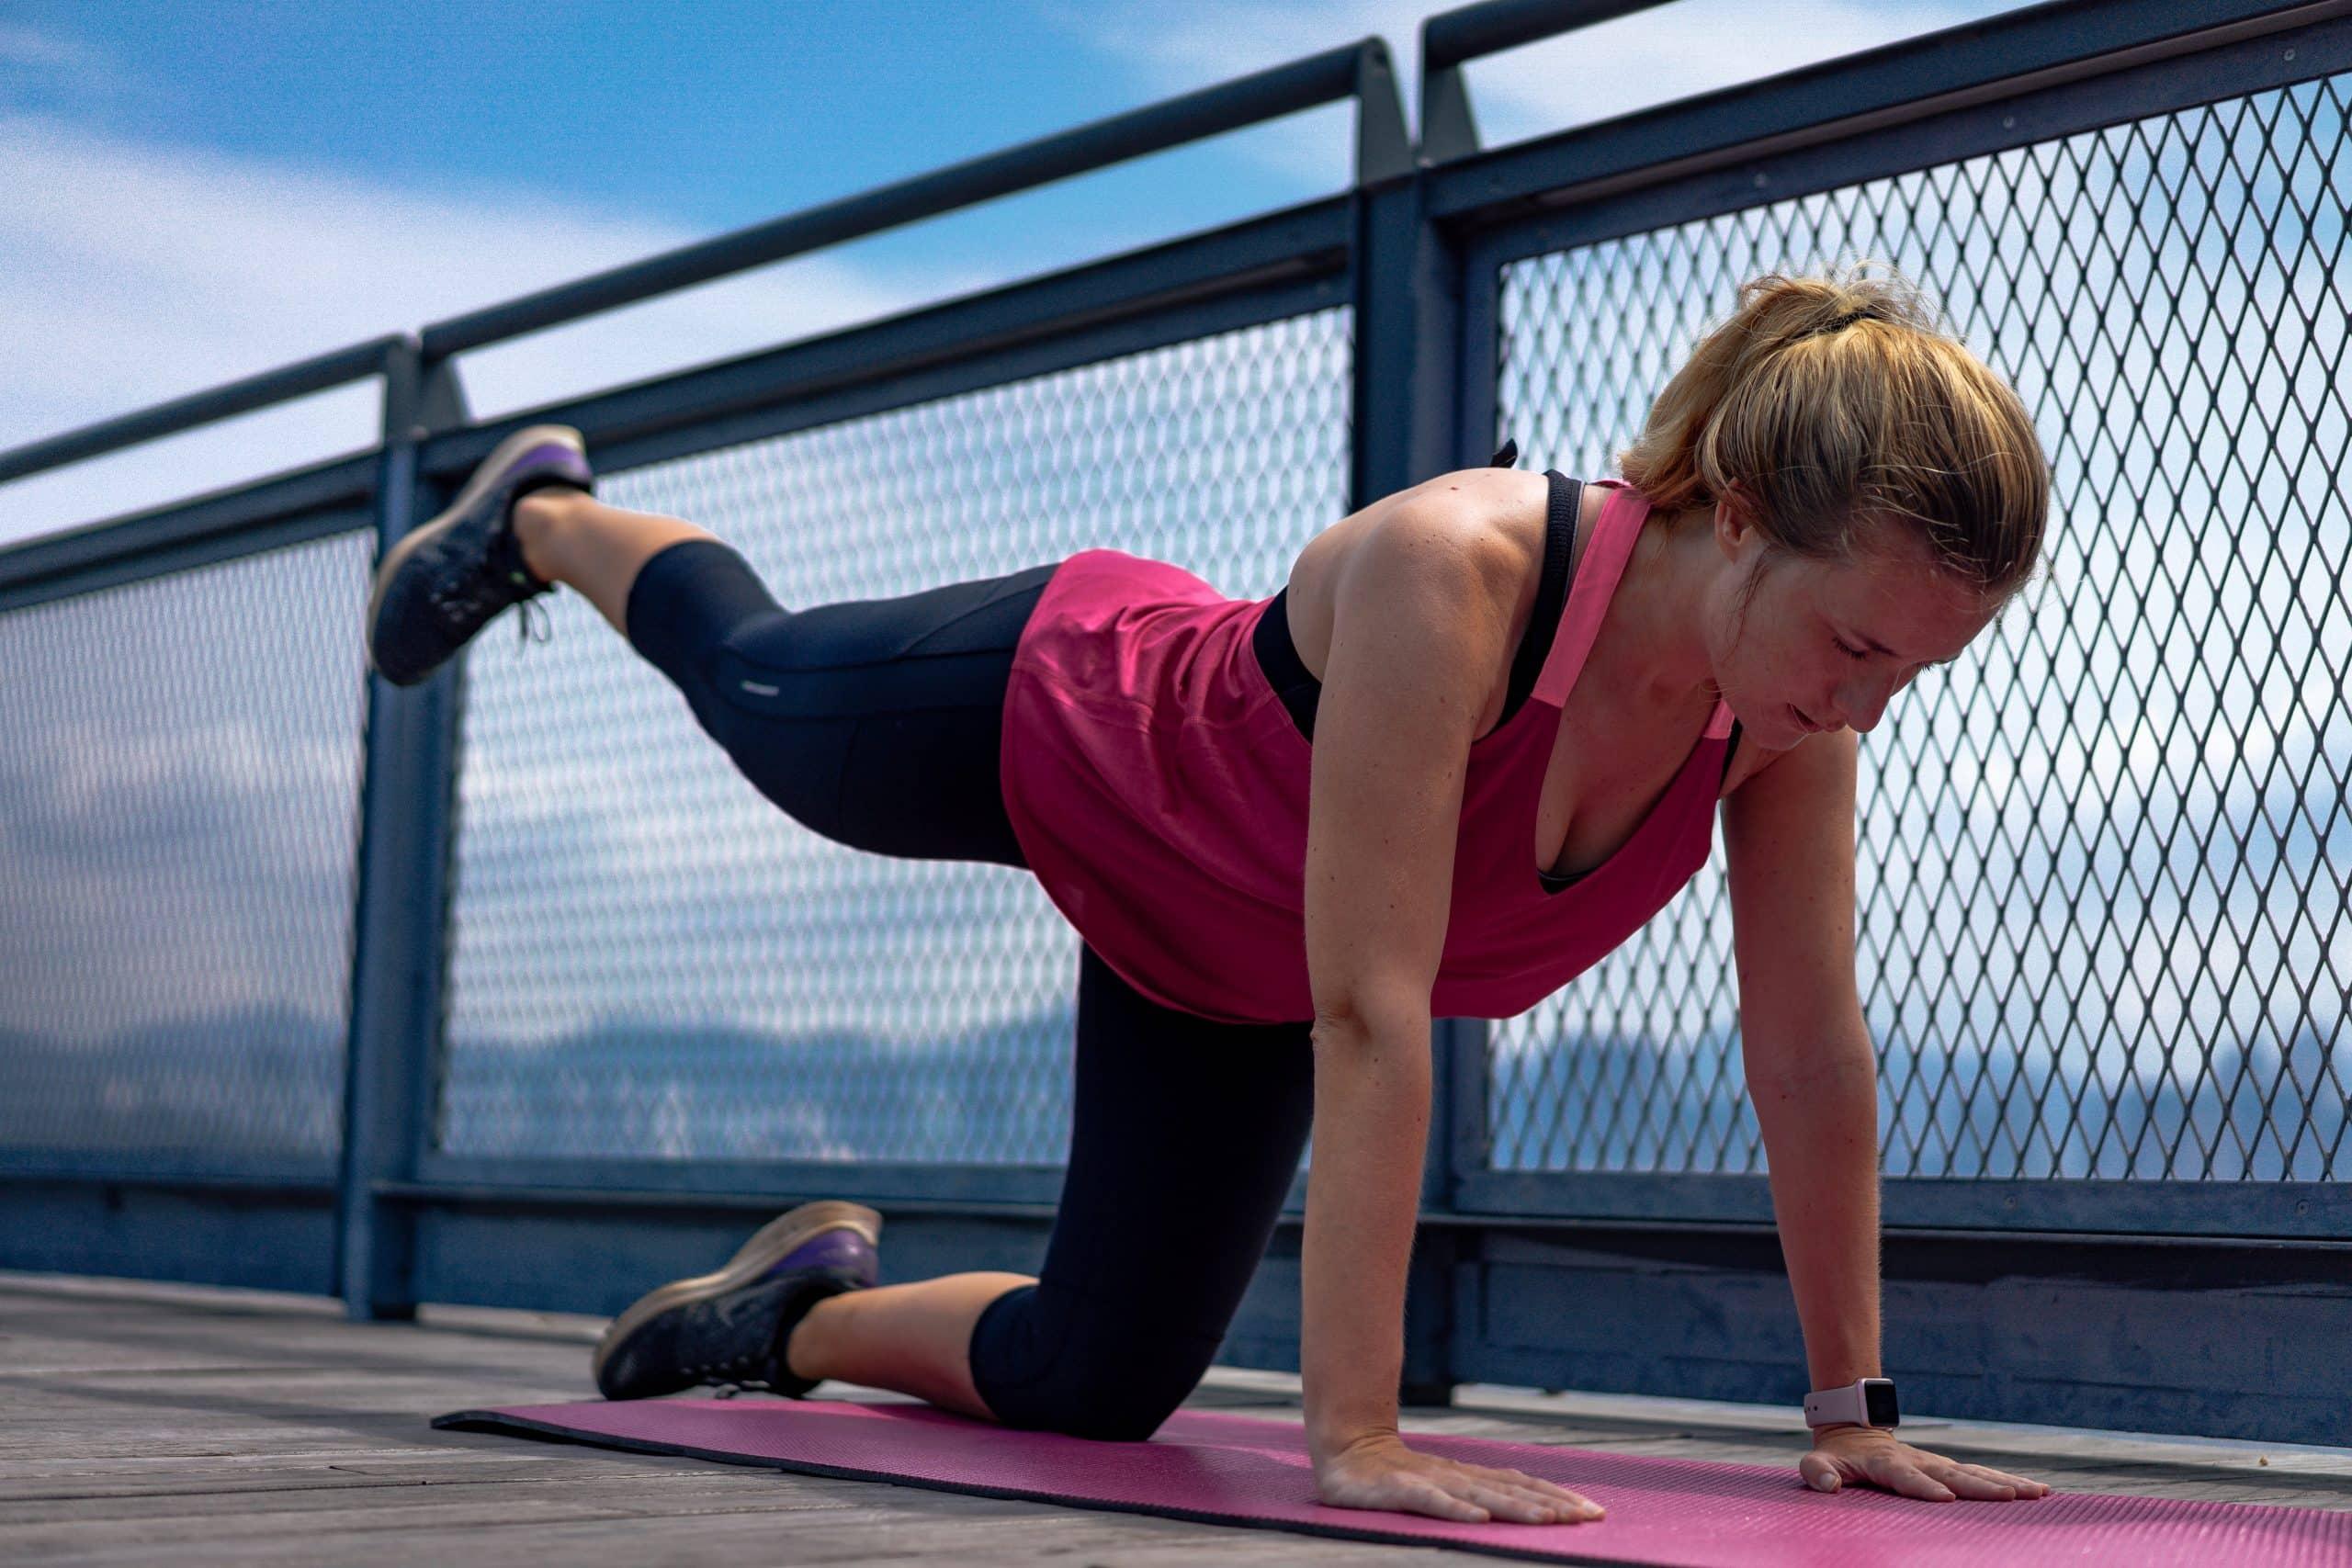 Le service de fitness d'Amazon va proposer des exercices adaptés à chaque utilisateur